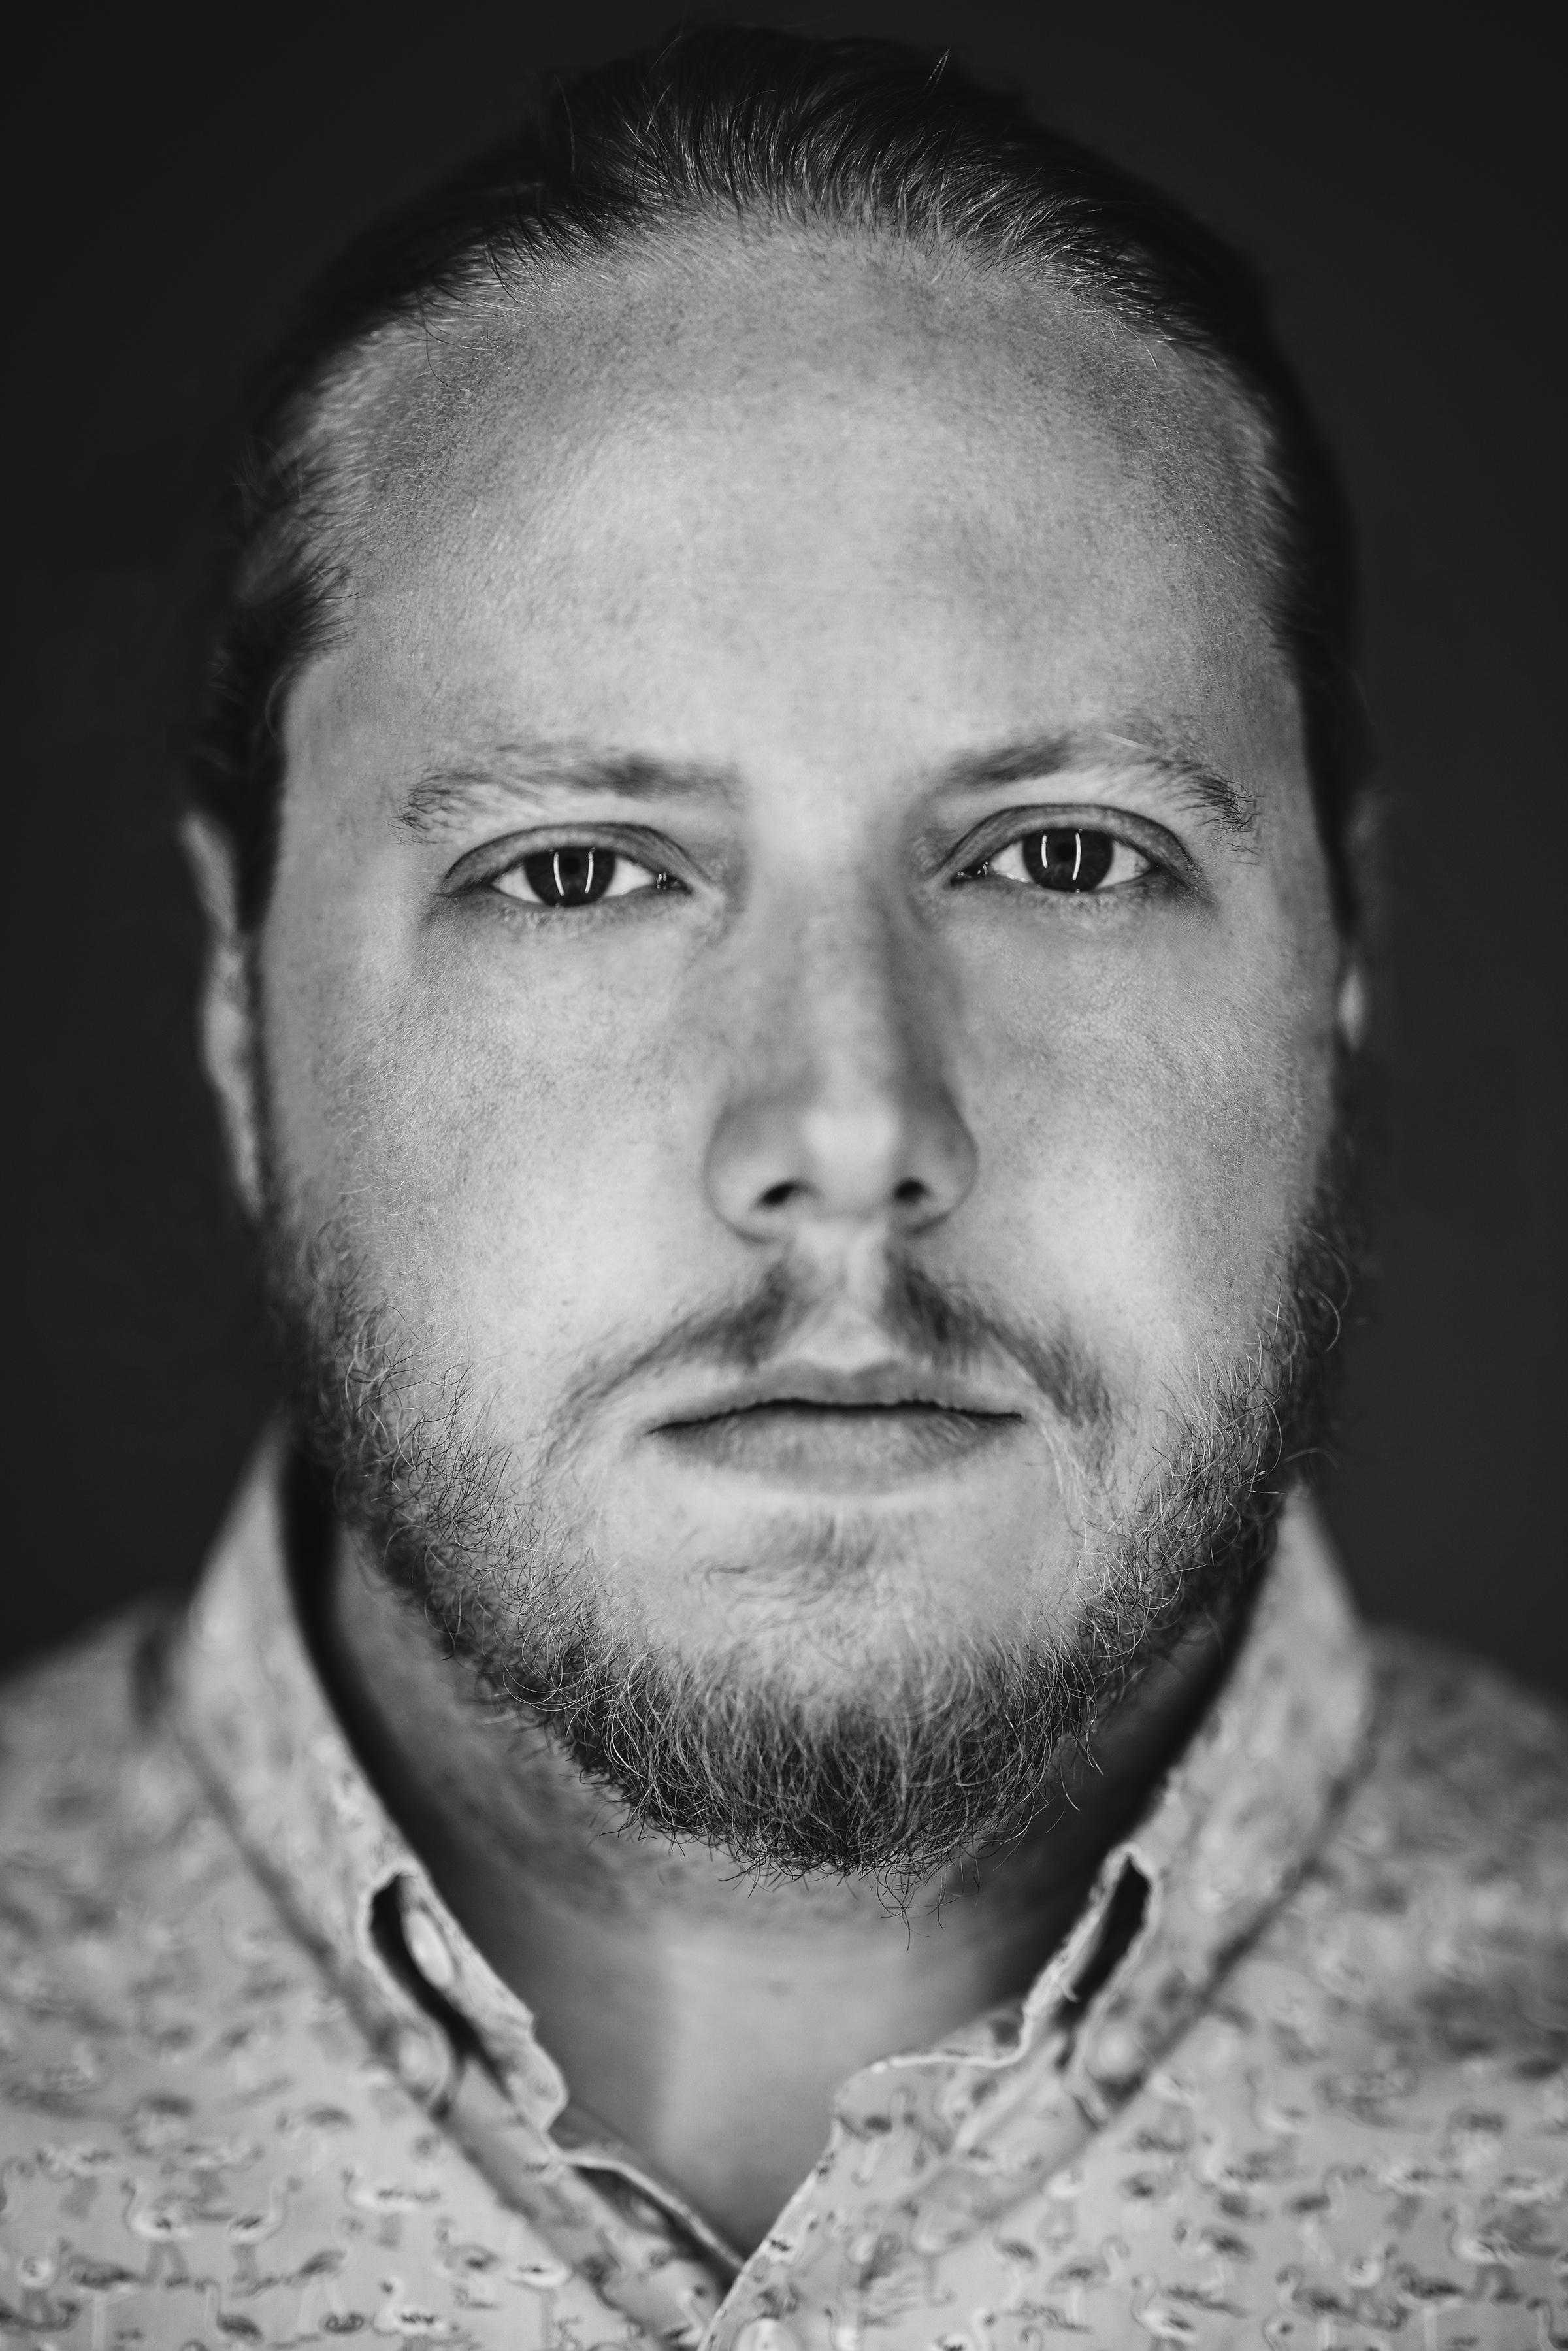 Matt-Braunsdorf-Headshot.jpg